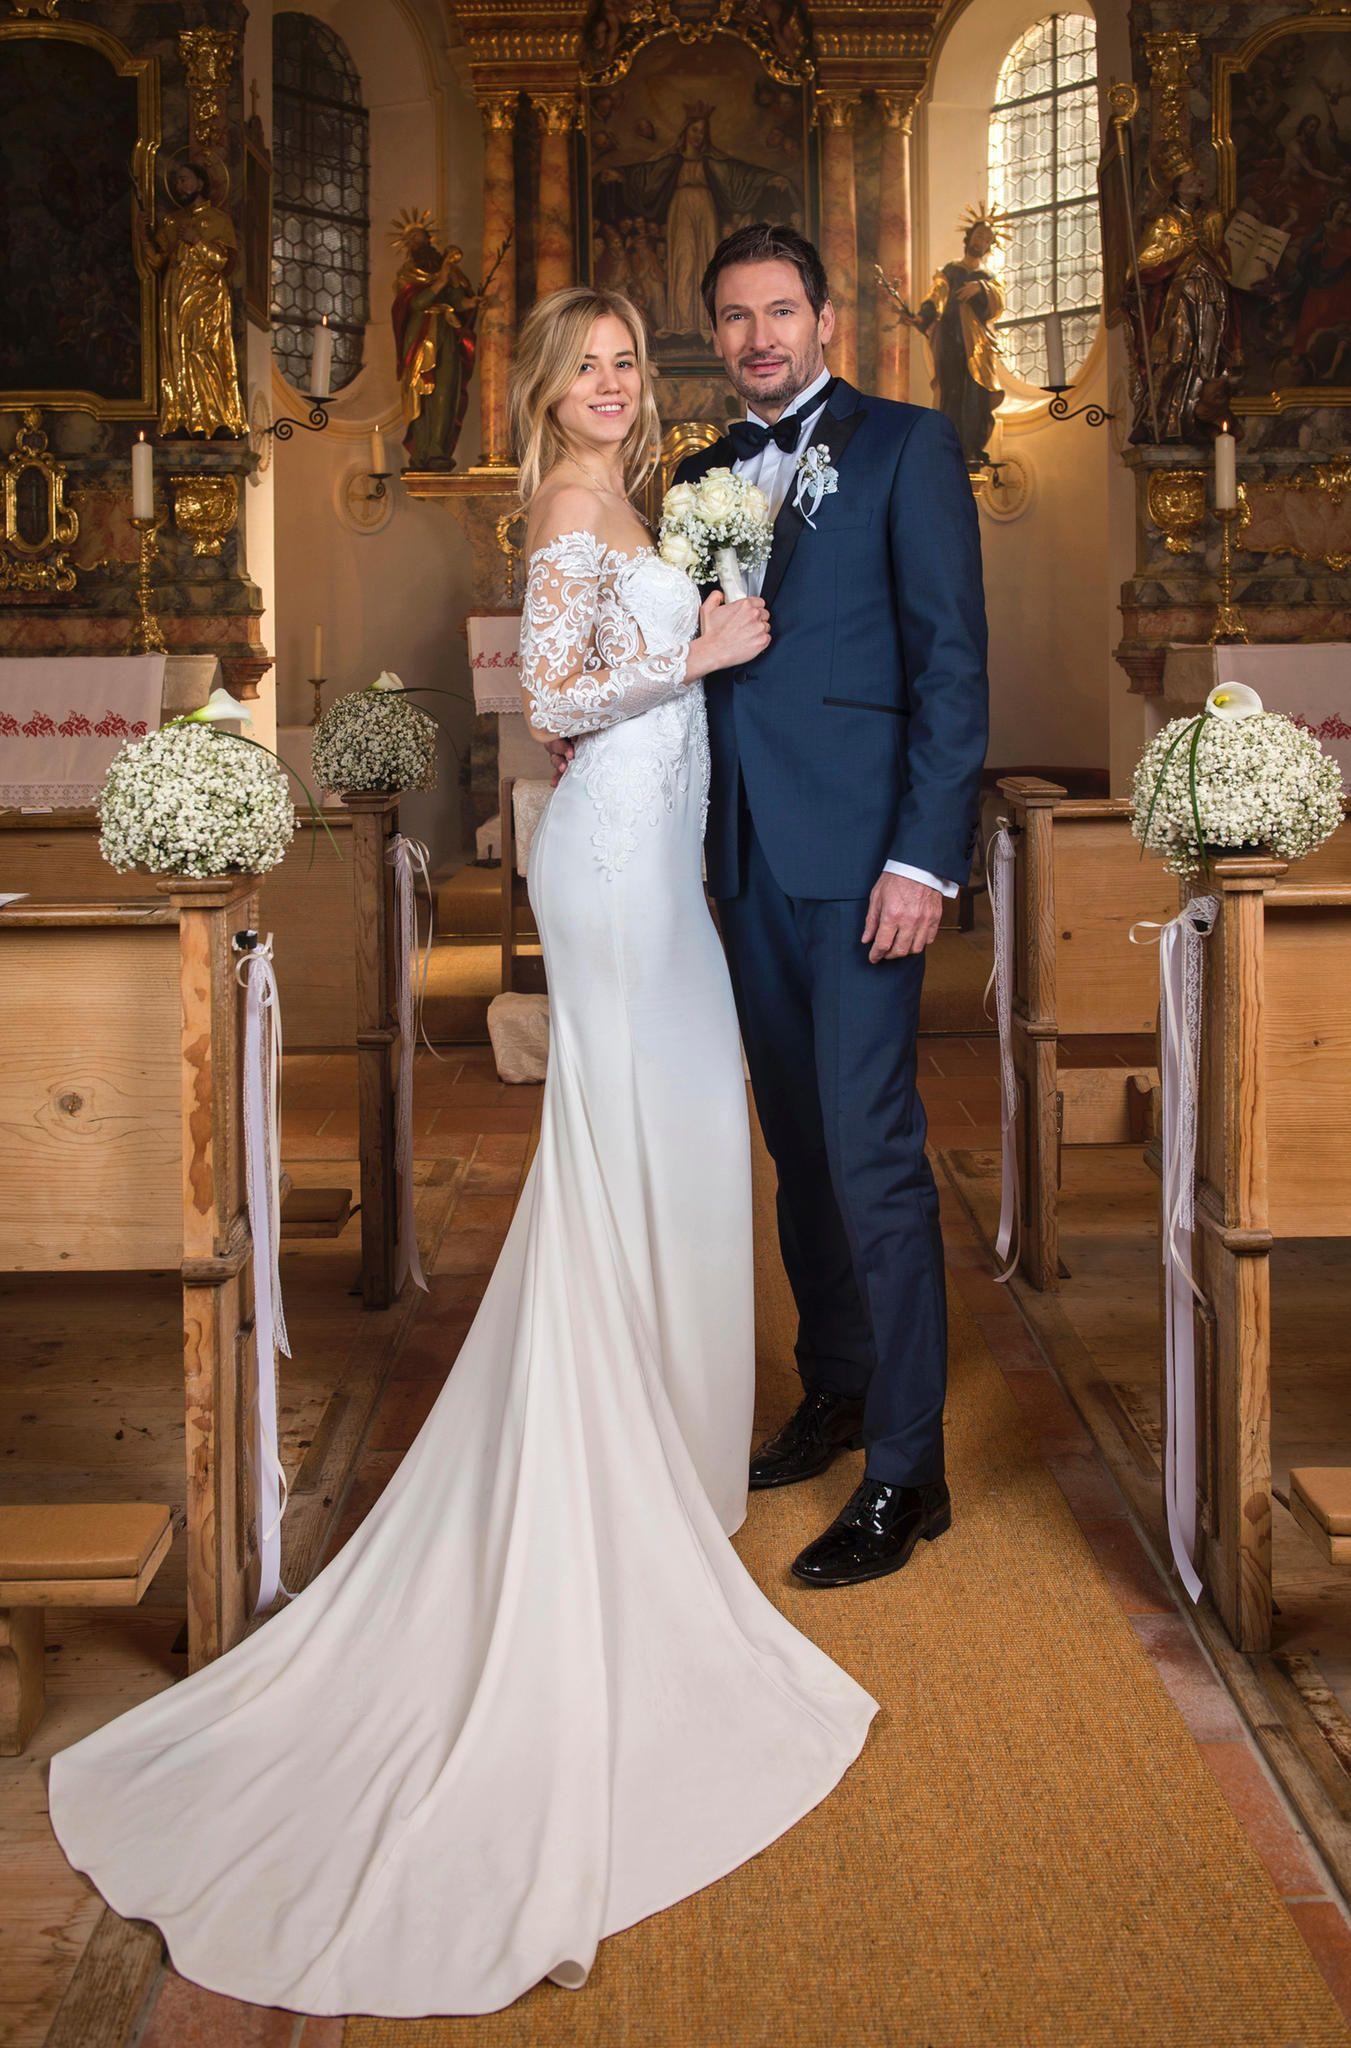 Viktor Entfuhrt Alicia Platzt Die Trauung Mit Christoph Hochzeit Kutsche Sturm Der Liebe Kleid Hochzeit